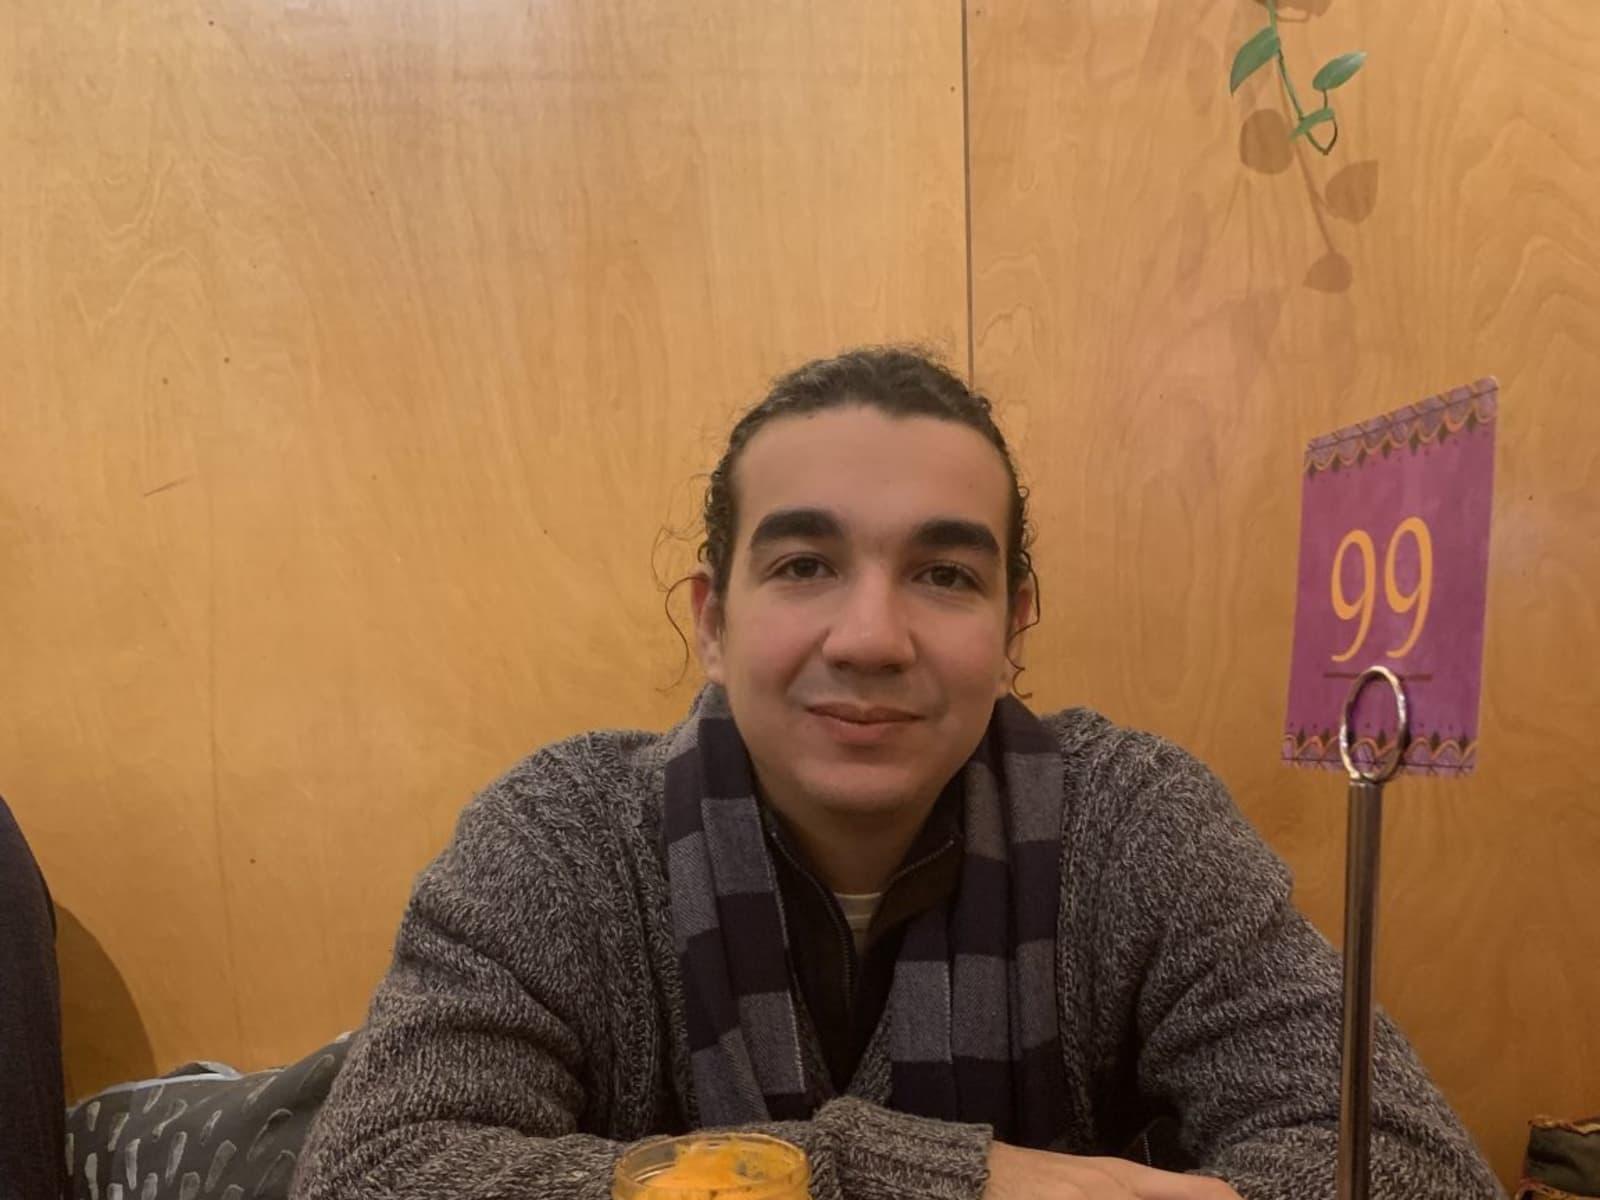 Adam from Boston, Massachusetts, United States